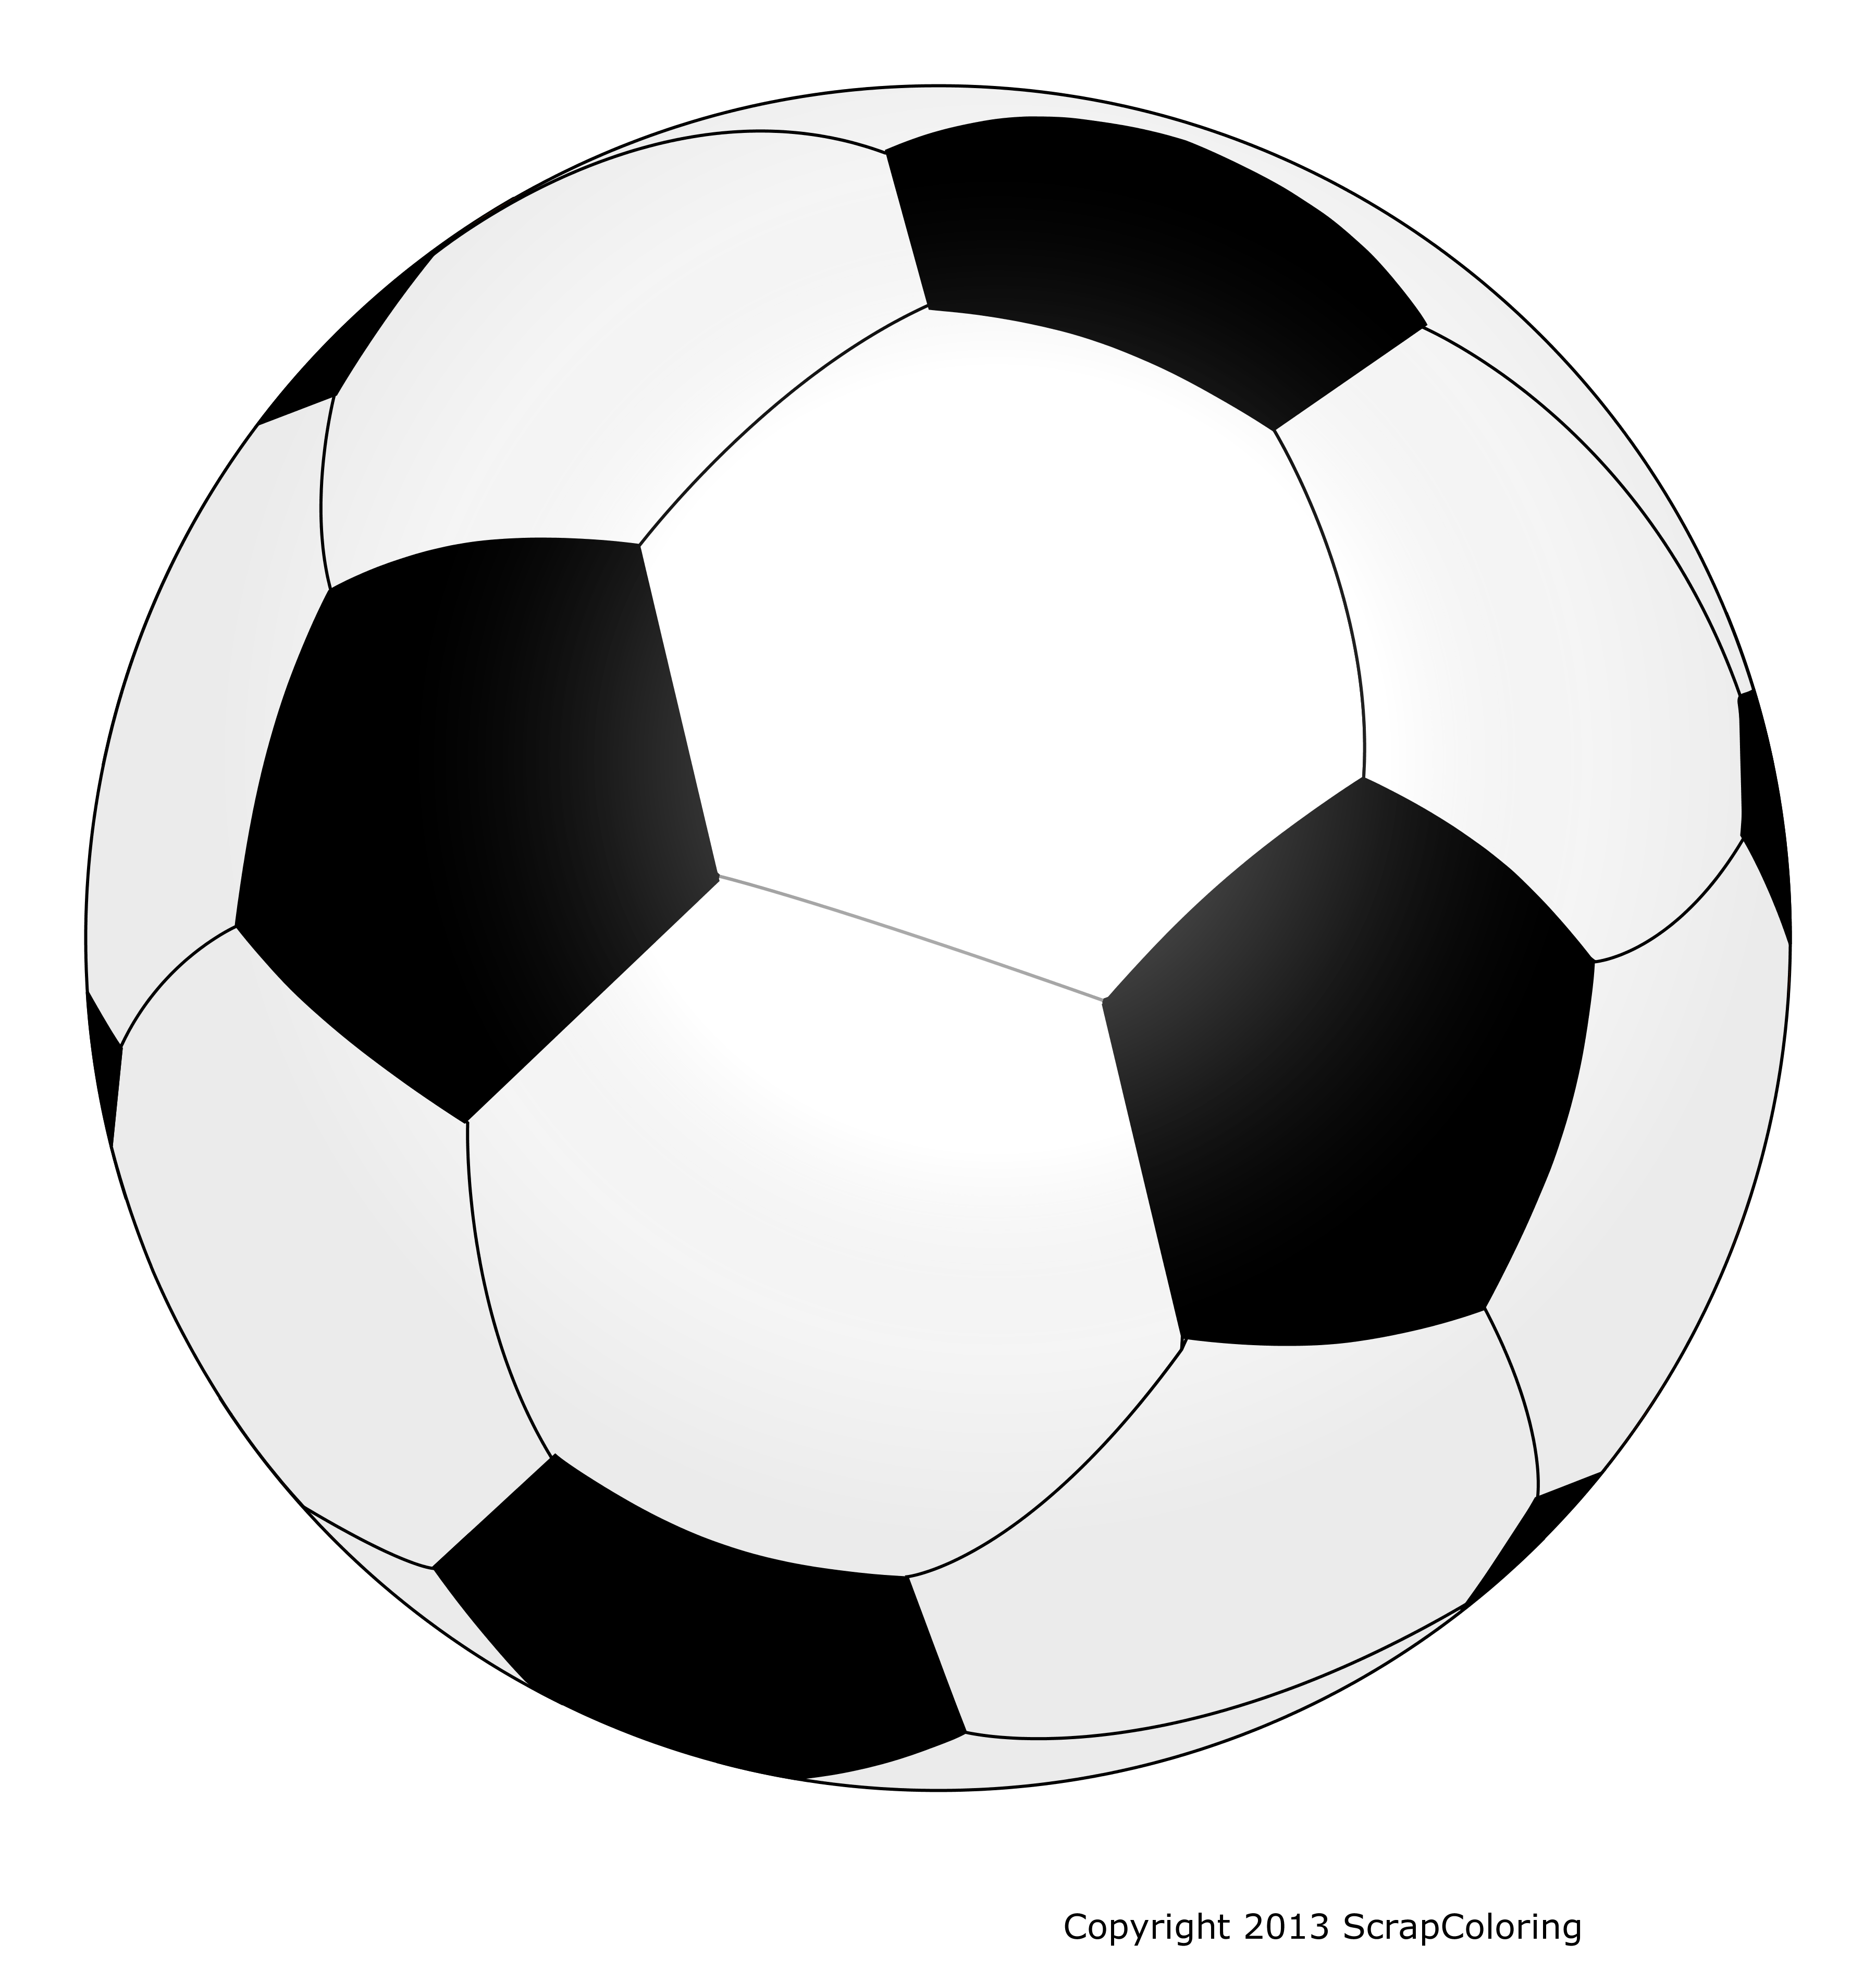 Ballon de foot dessin png 6 » PNG Image.